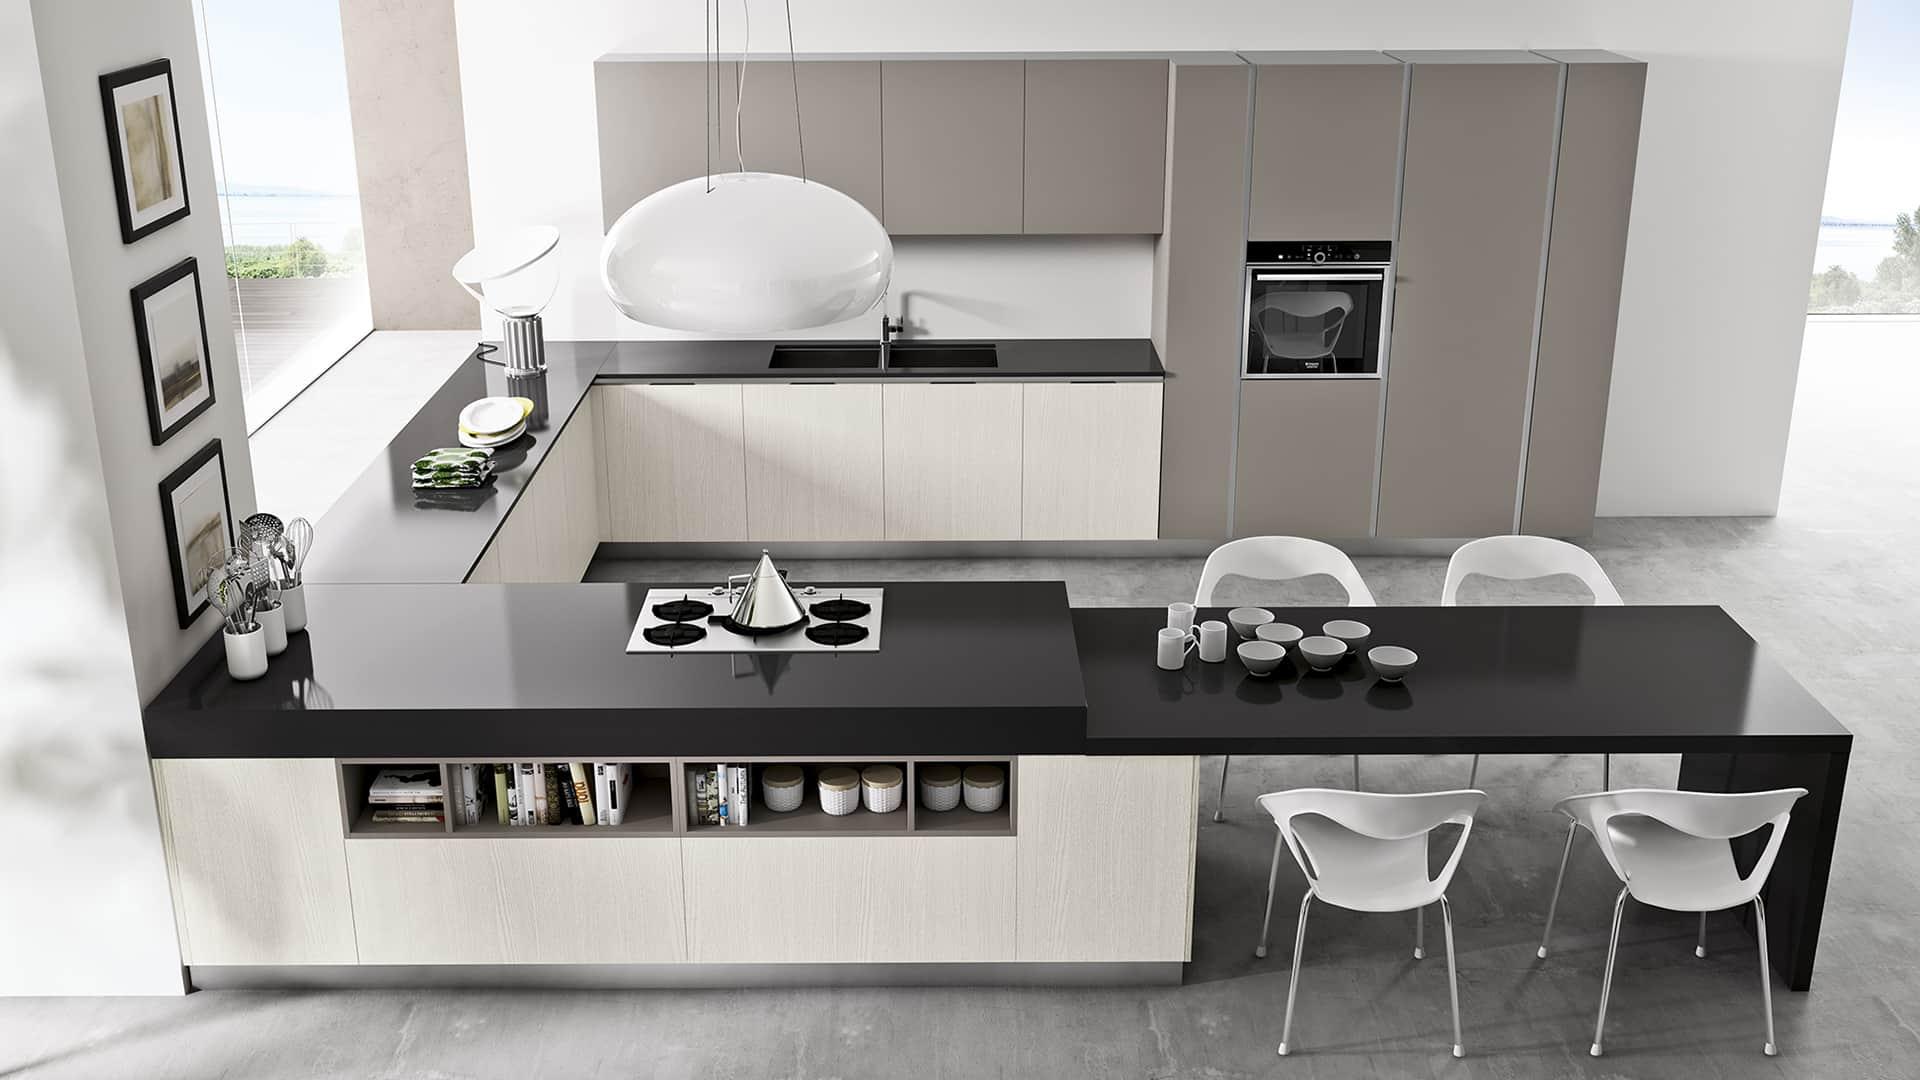 Cucine angolari moderne a padova for Cucine moderne con penisola